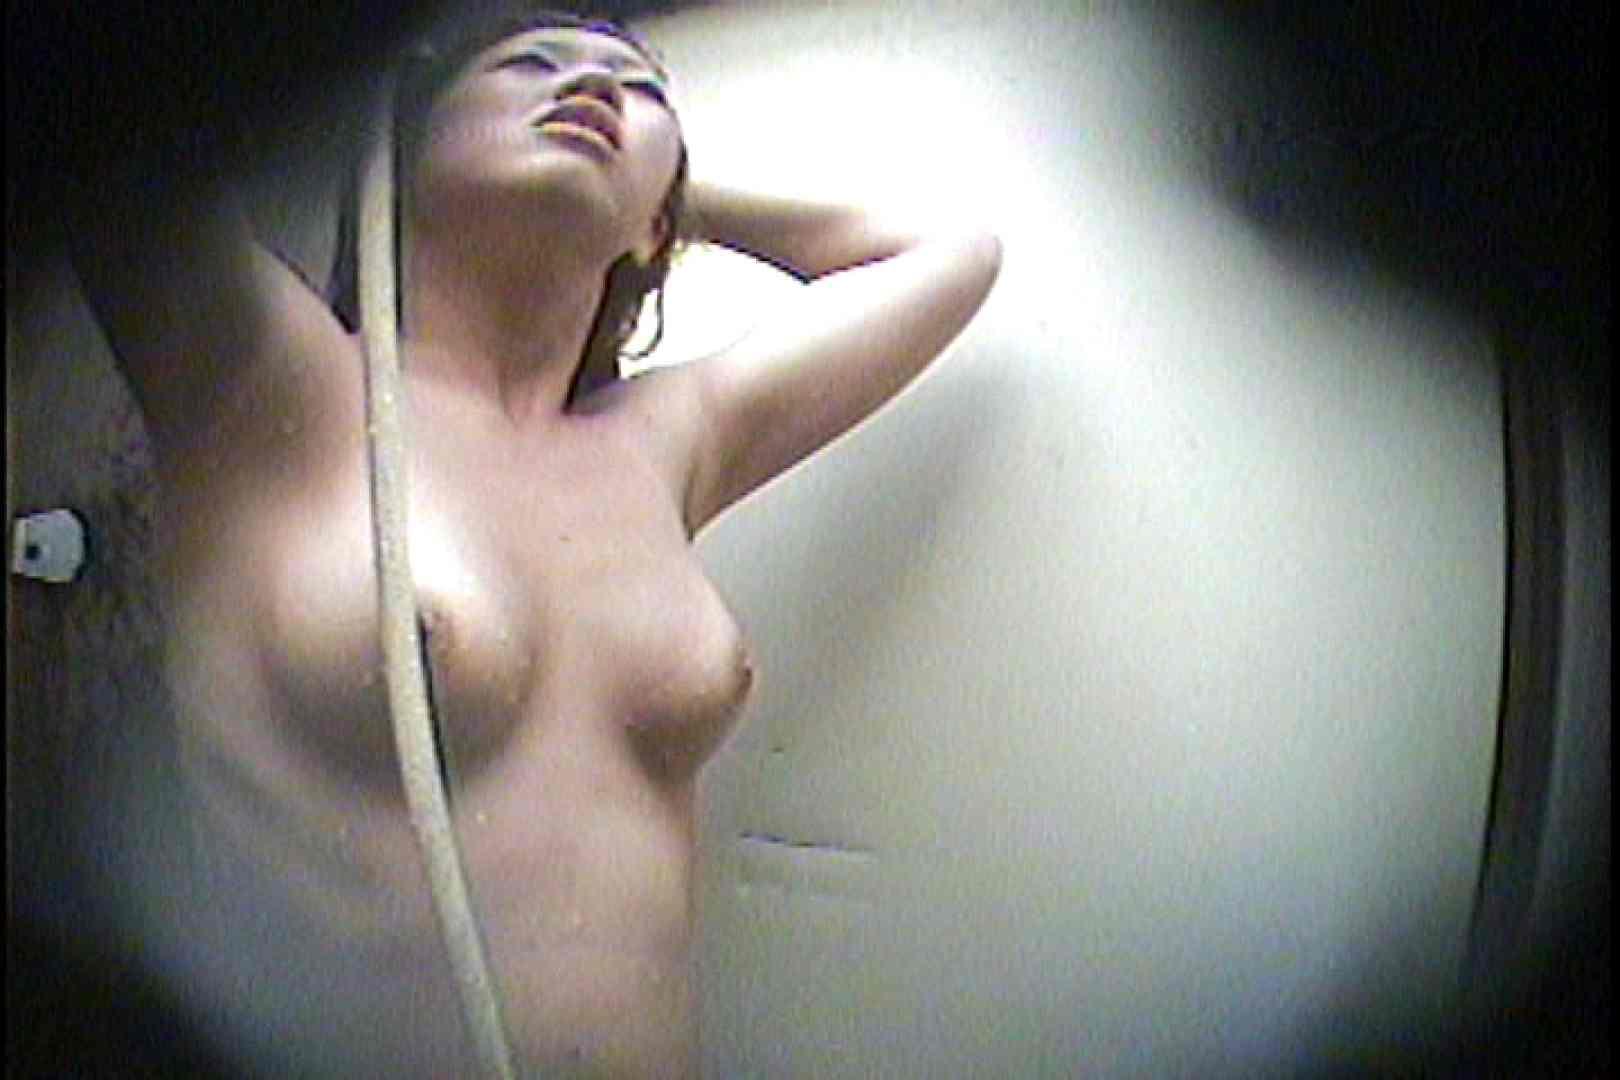 海の家の更衣室 Vol.21 シャワー   OL女体  44連発 19